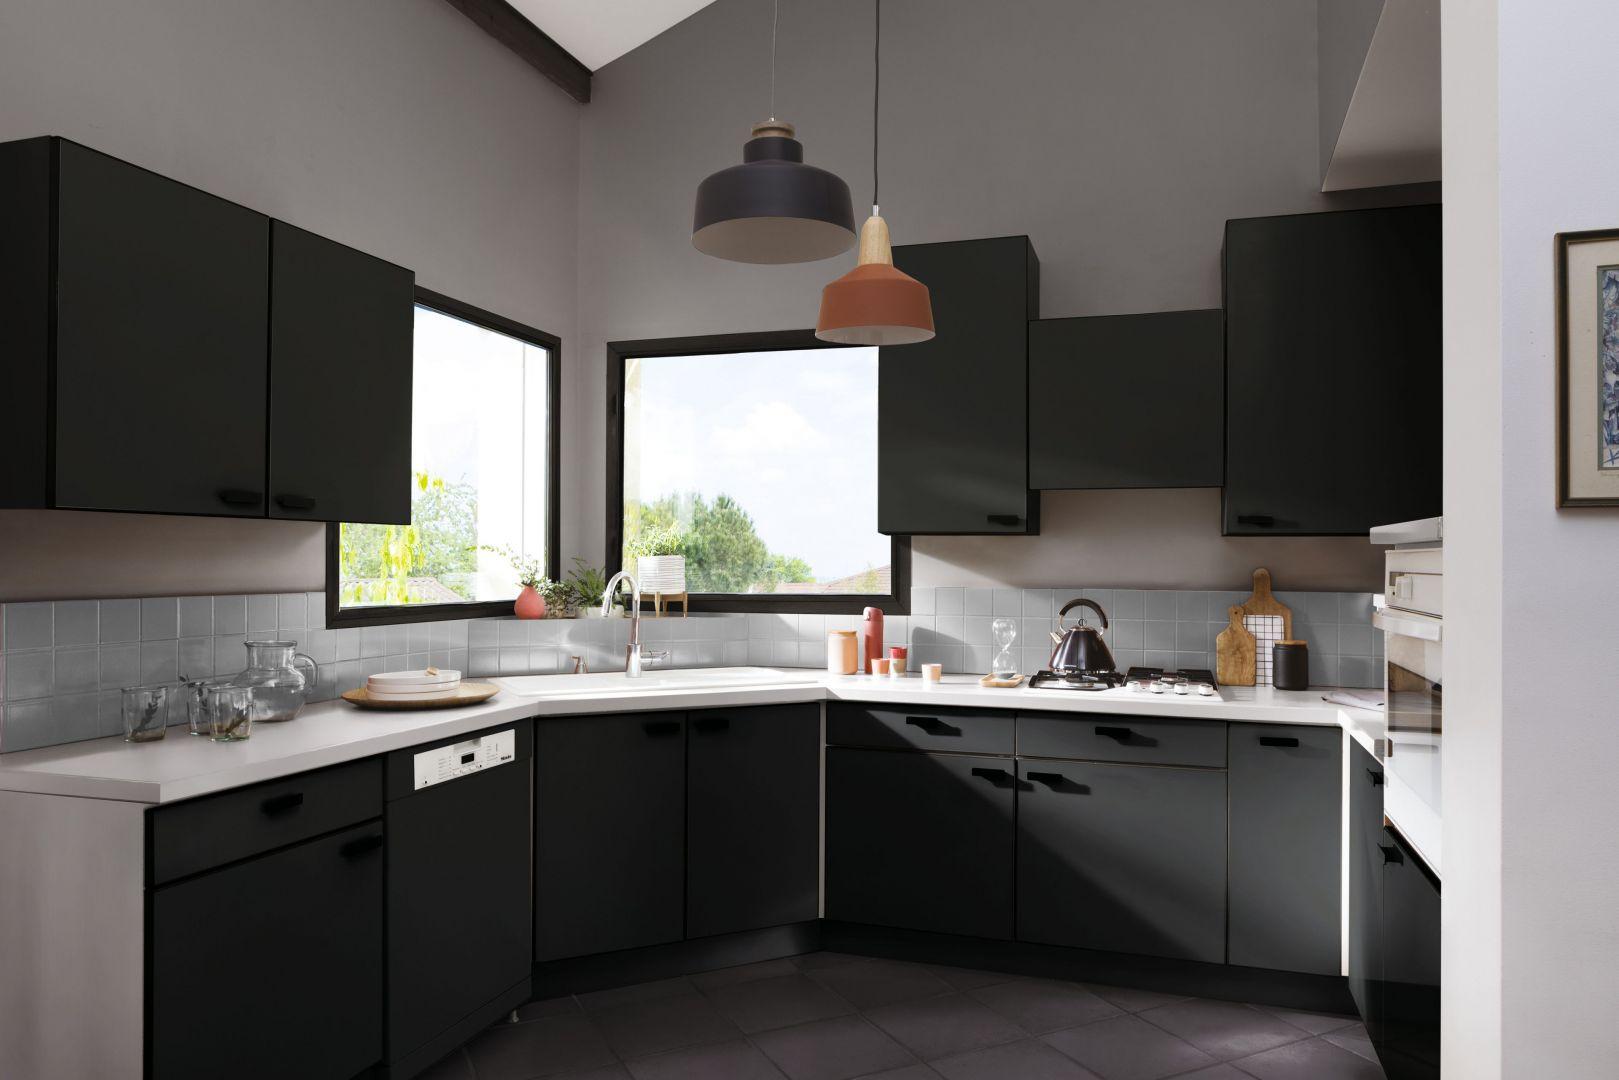 Kuchnia po renowacji. Użyta farba: Easy Renowacja od V33. Fot. V33